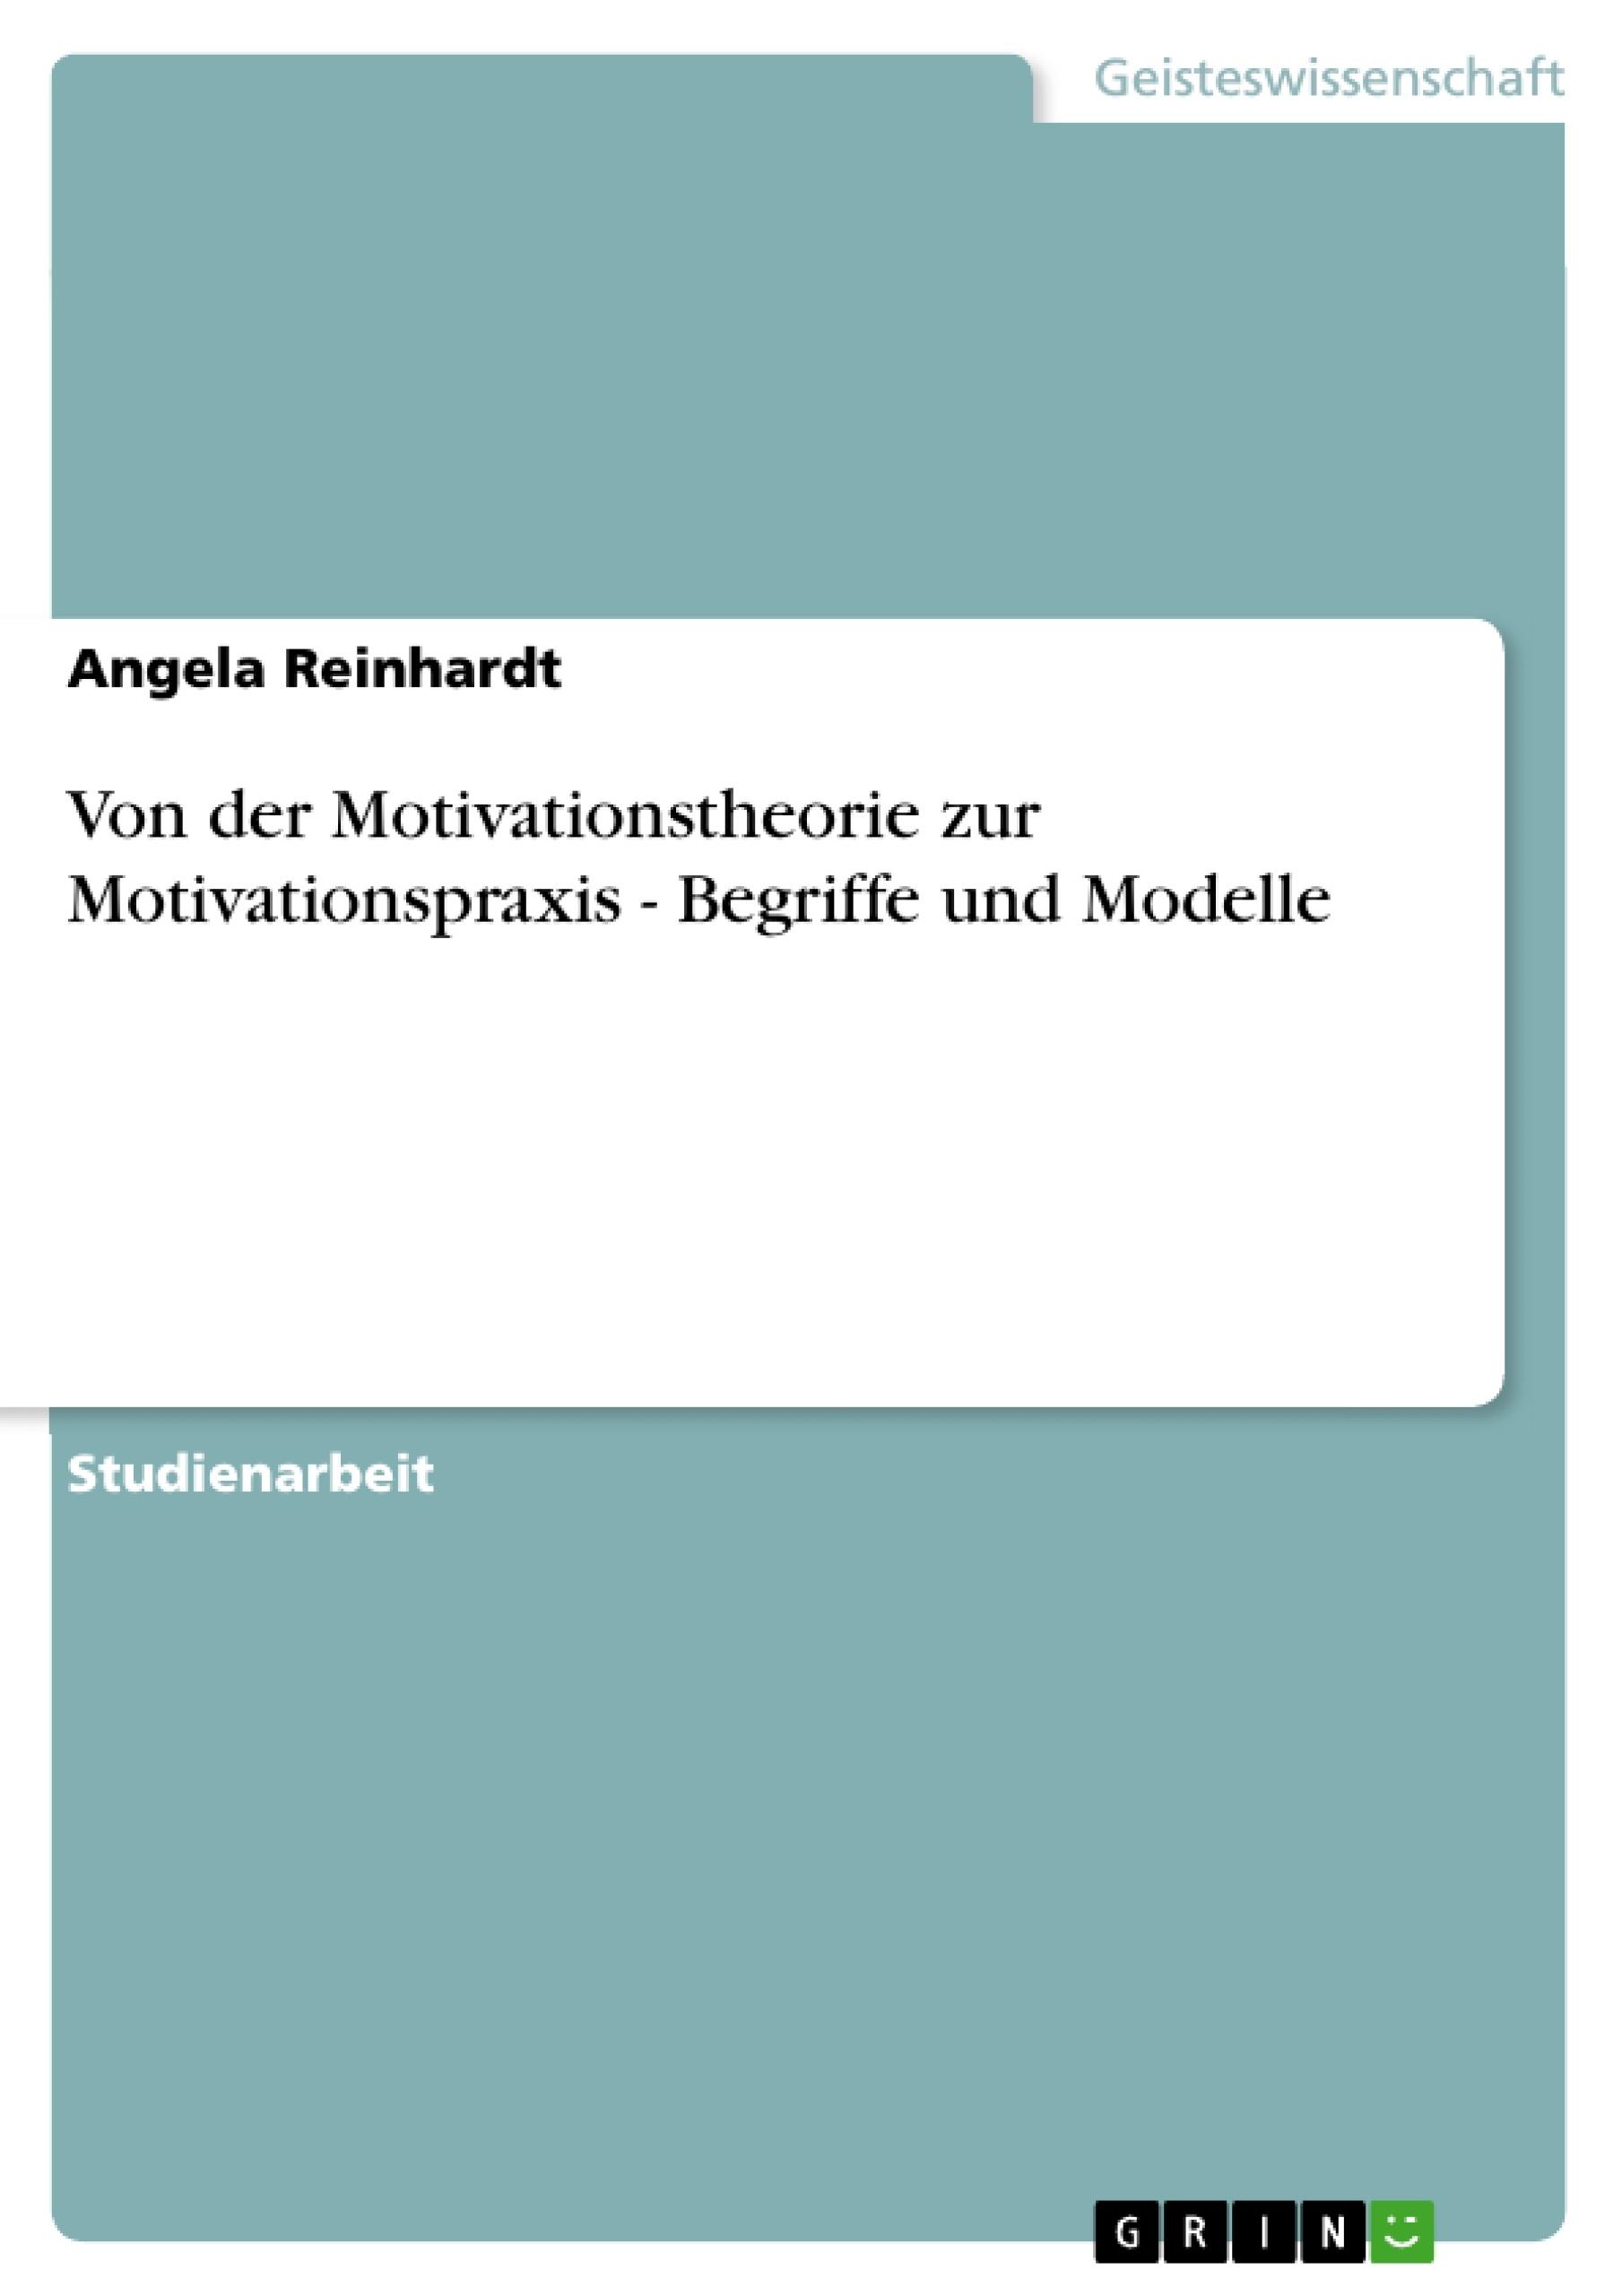 Titel: Von der Motivationstheorie zur Motivationspraxis - Begriffe und Modelle